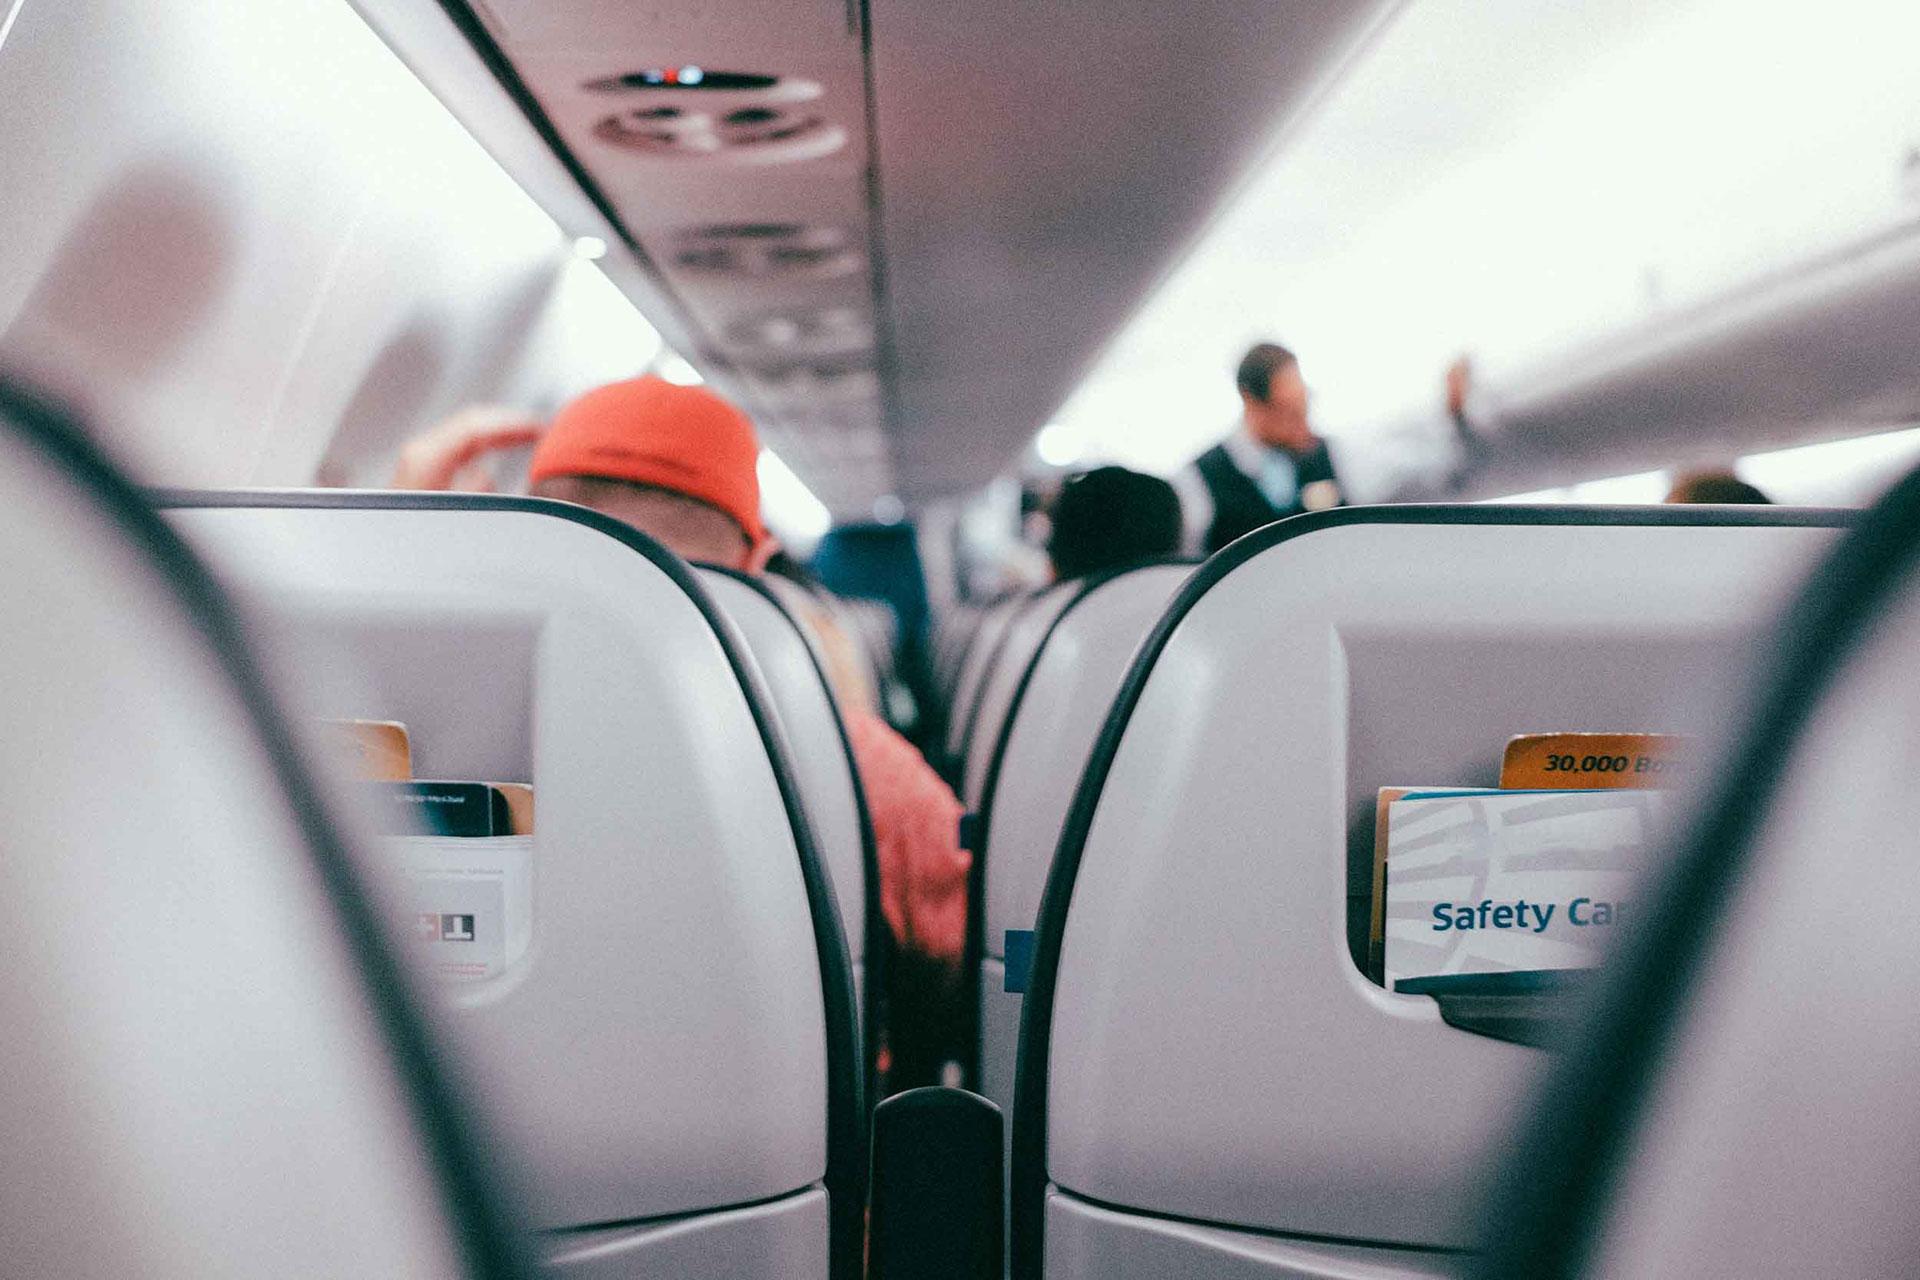 consigli per viaggiare in aereo 001 1920x1280